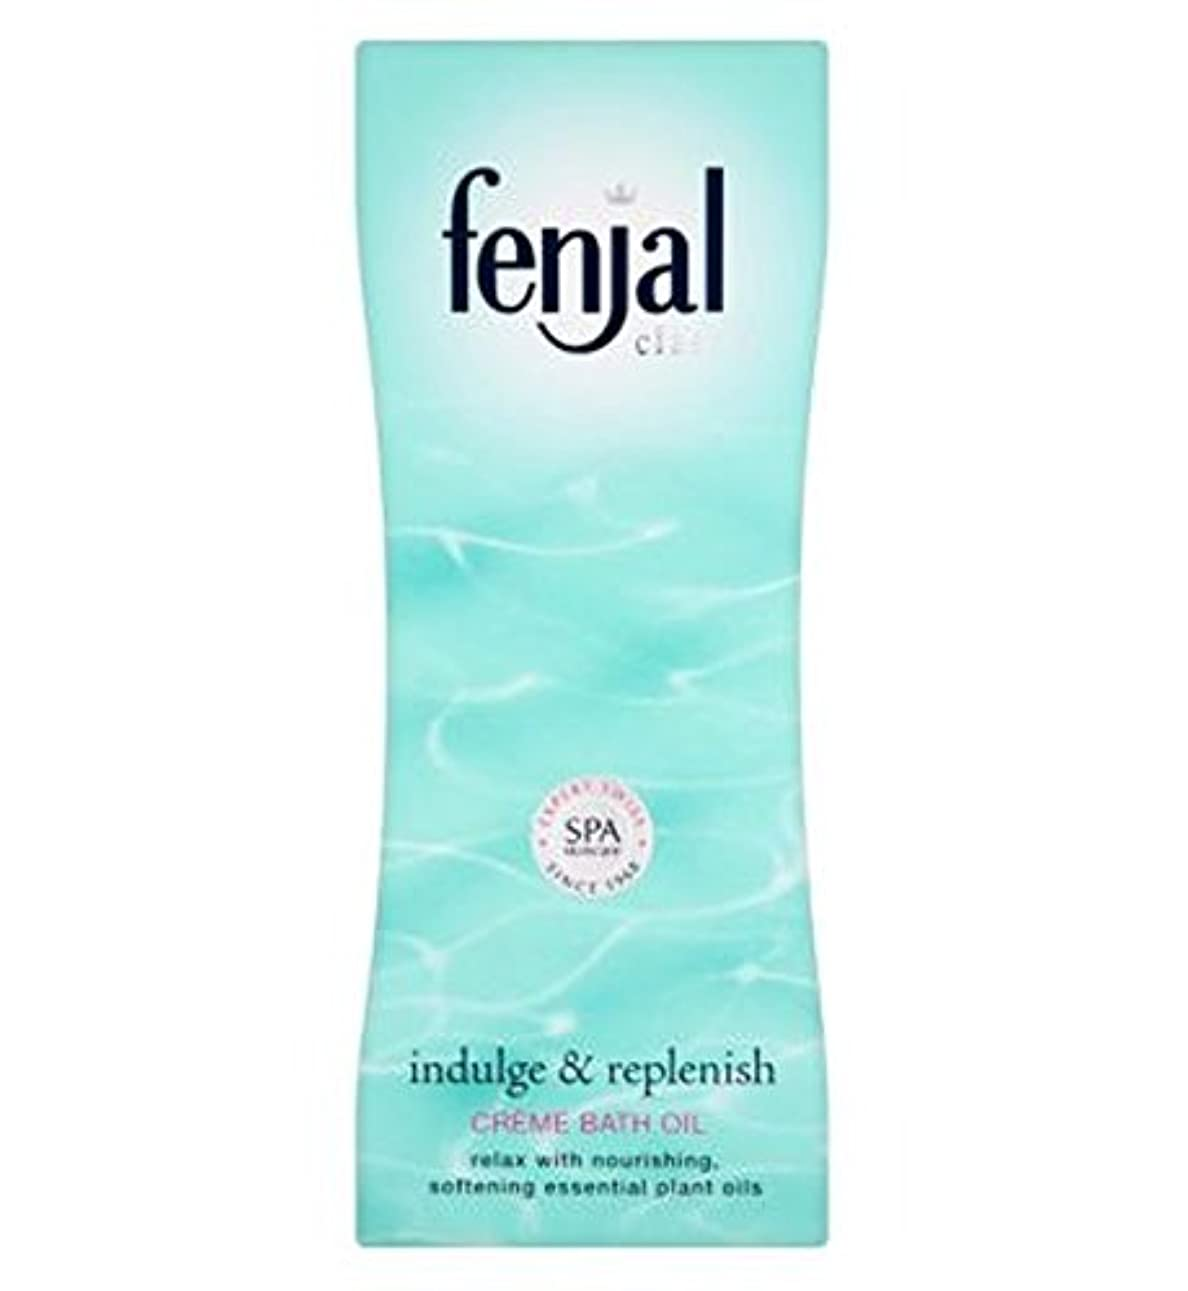 占める決定アンケートFenjal古典的な高級クリームバスオイル (Fenjal) (x2) - Fenjal Classic Luxury Creme Bath Oil (Pack of 2) [並行輸入品]